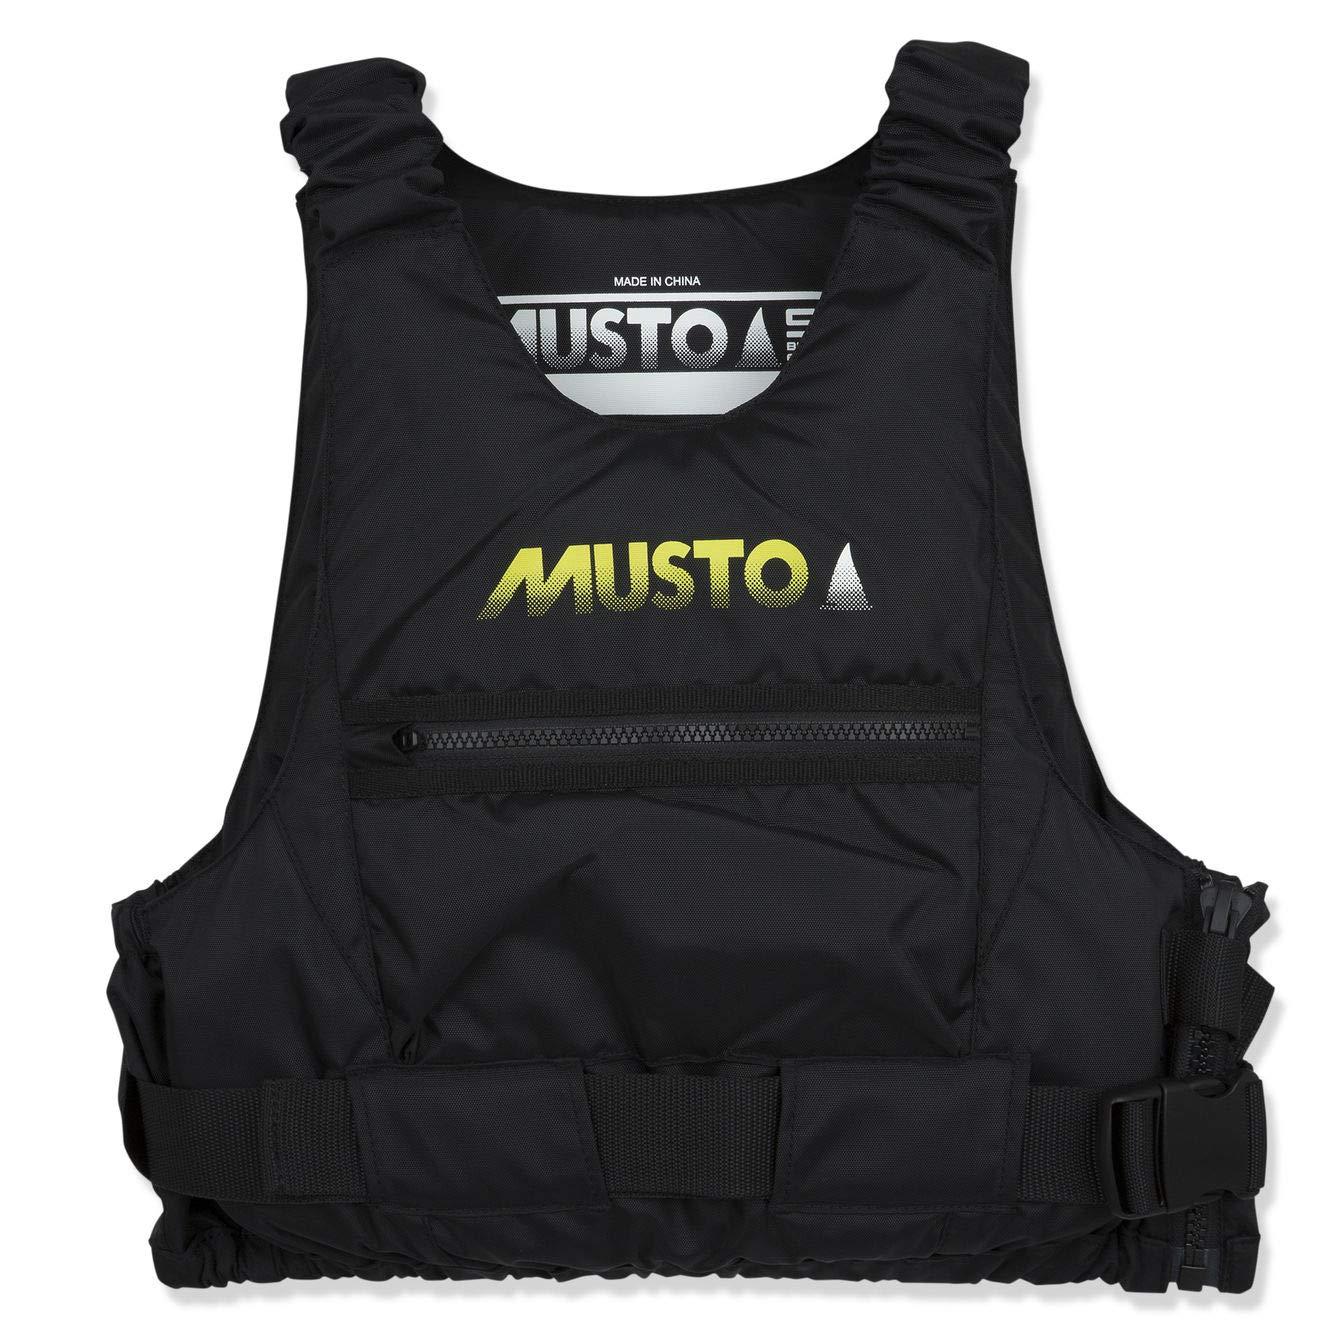 欲しいの Musto Aid Championship Buoyancy Aid – 2017 – B076T26Y8S ブラック M-L B076T26Y8S, ホットパーツ:d37c9e96 --- specialcharacter.co